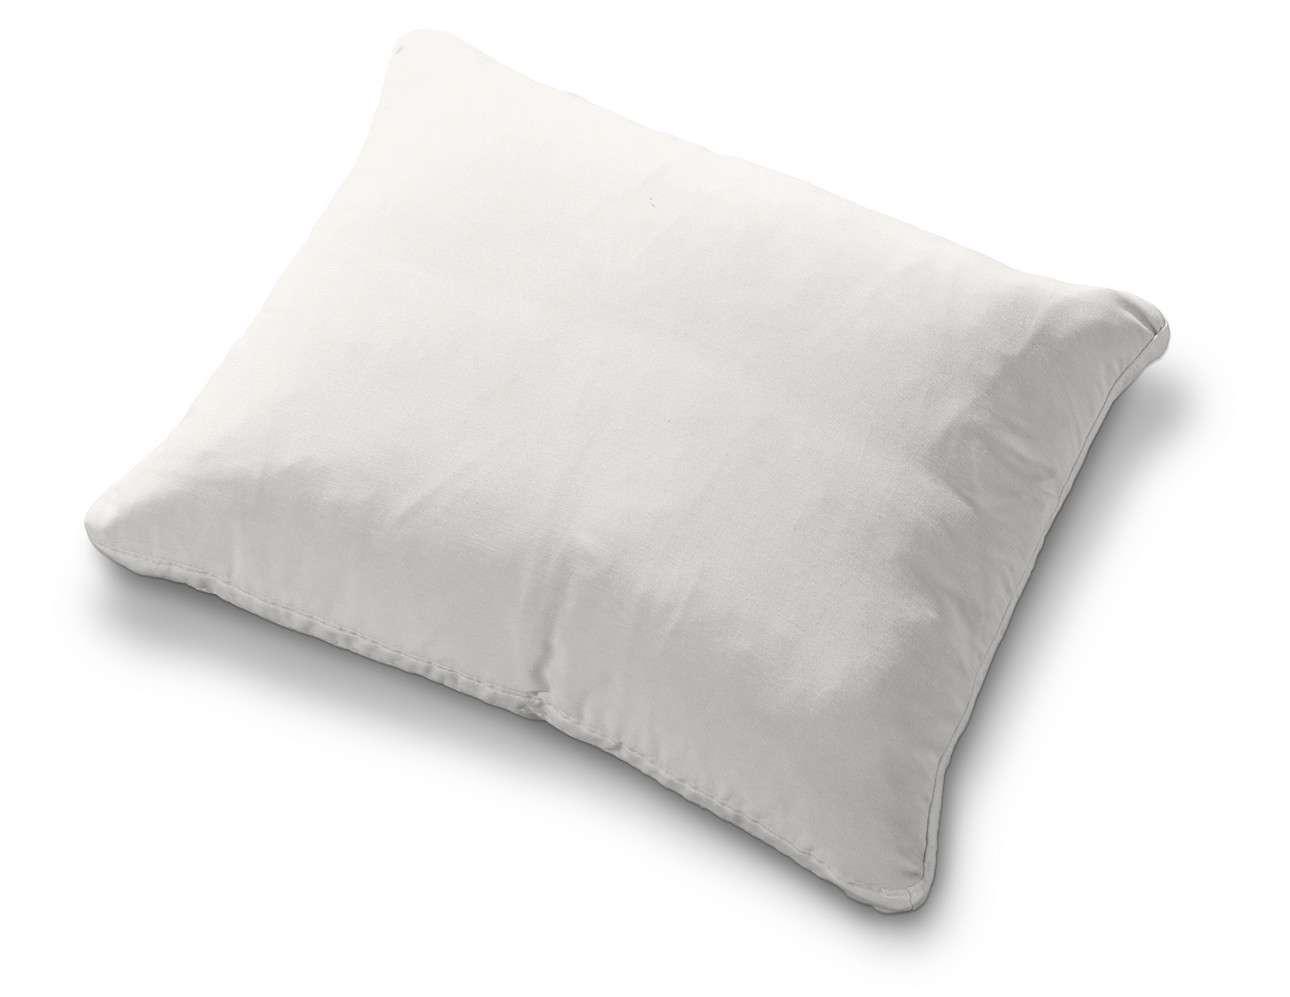 Poszewka na poduszkę Karlstad 58x48cm poduszka Karlstad 58x48cm w kolekcji Cotton Panama, tkanina: 702-34